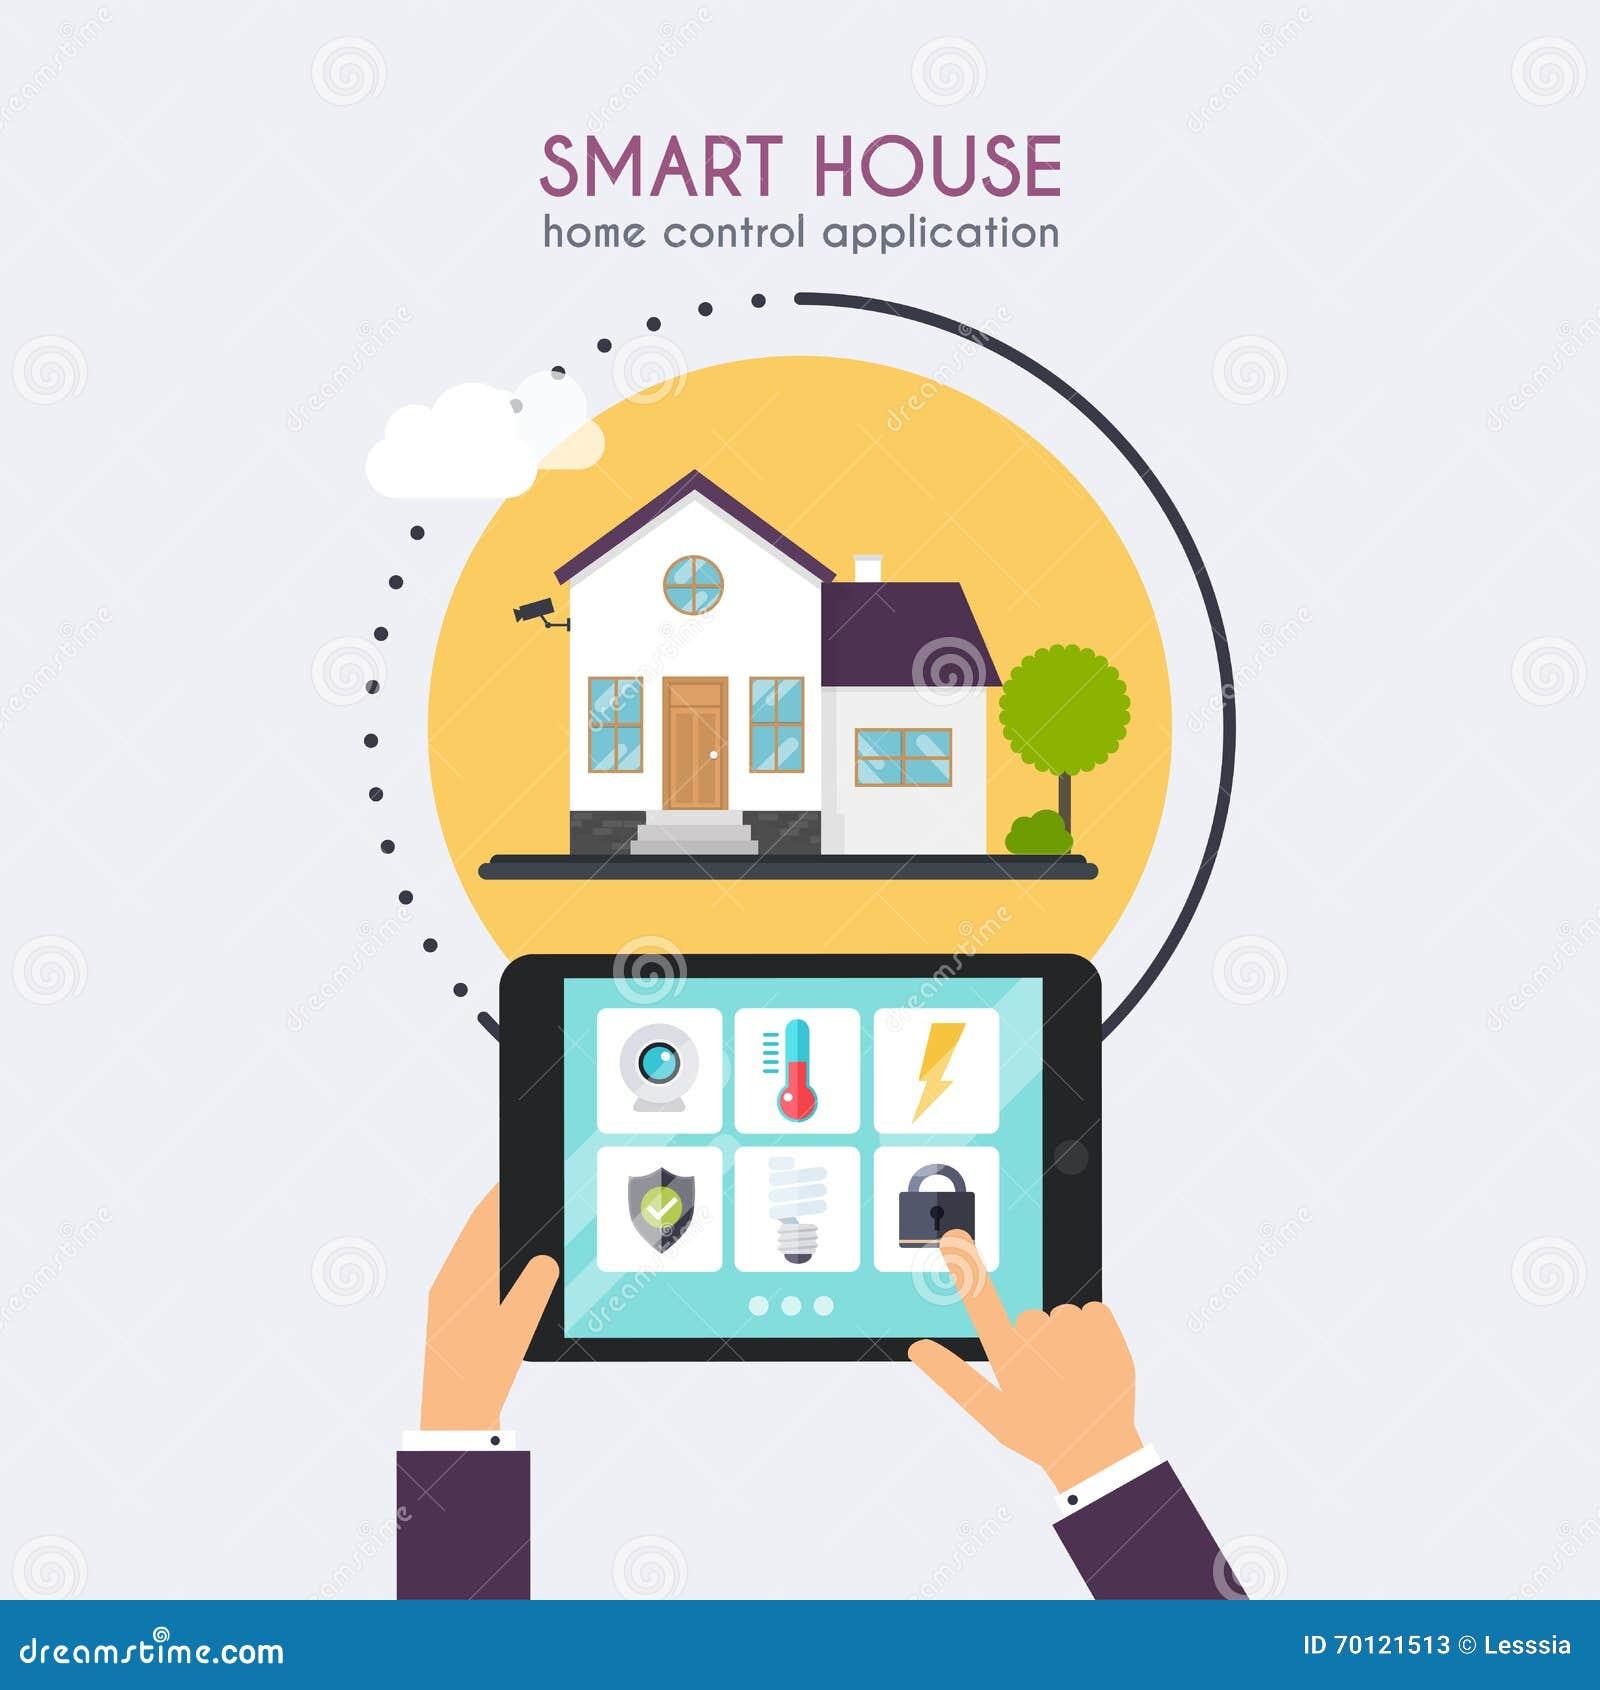 Maison intelligente concept la maison d 39 application de contr le main tenant le tabl for Application maison